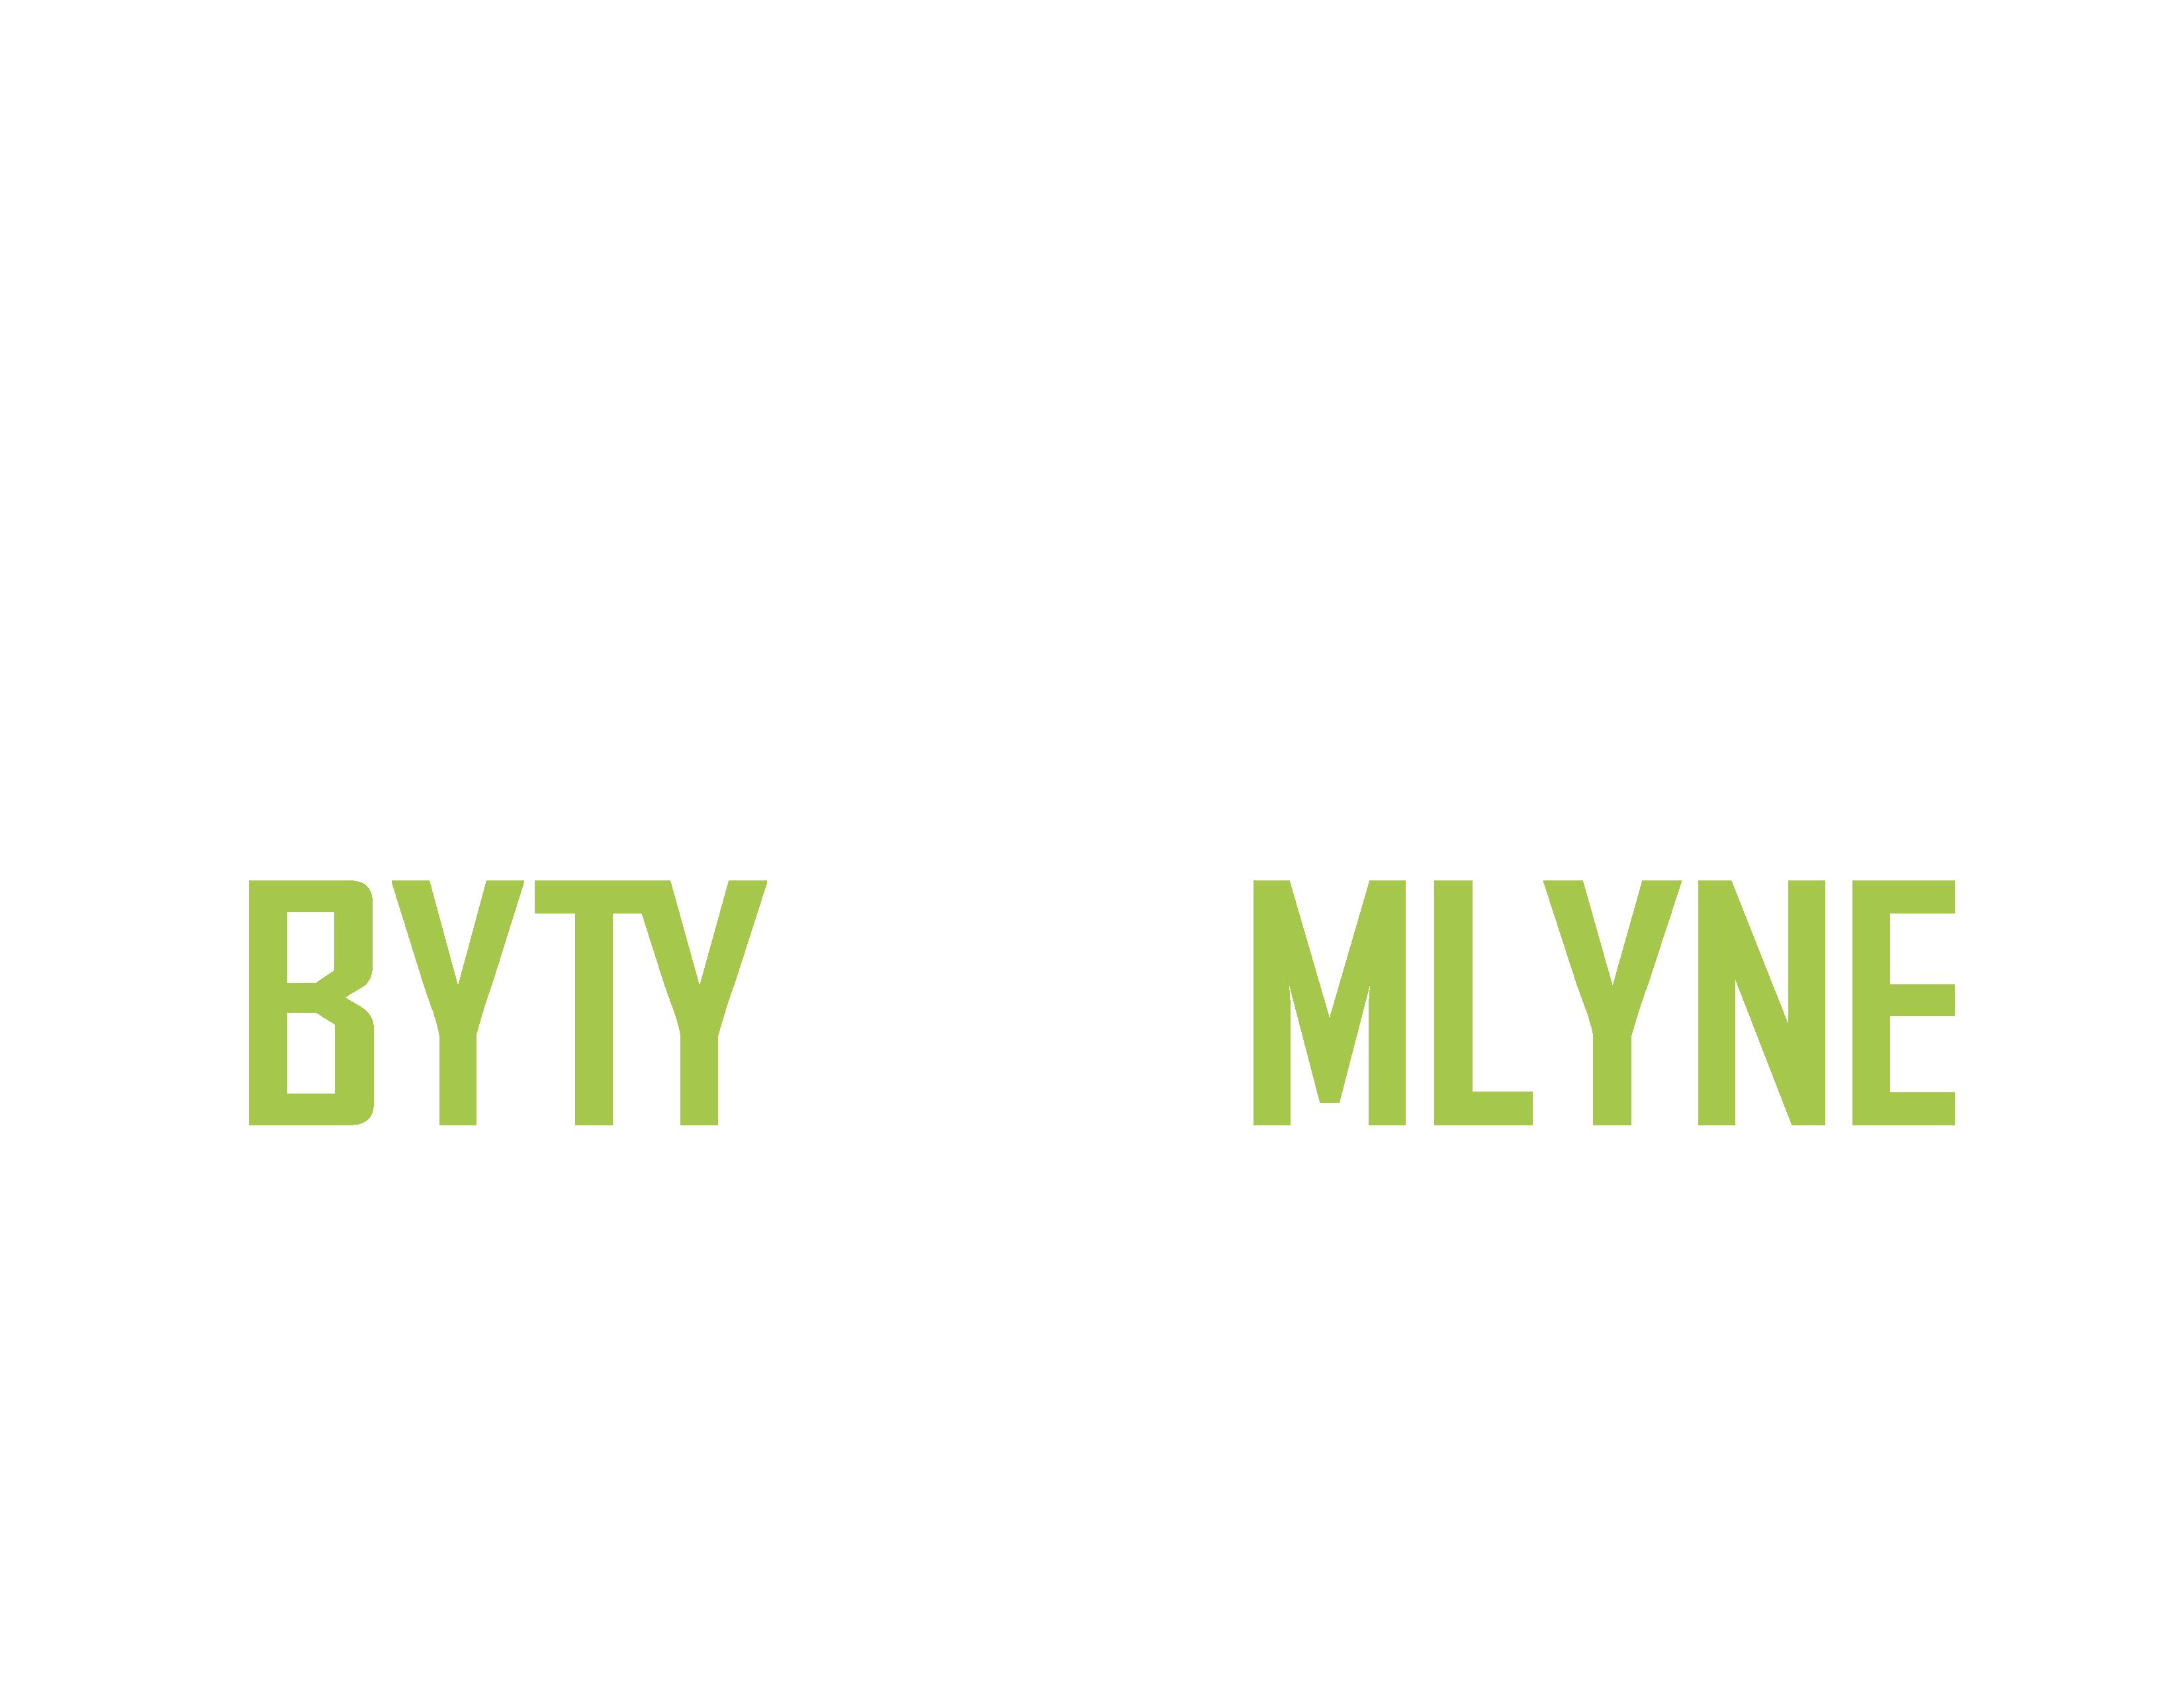 bytyprimlyne